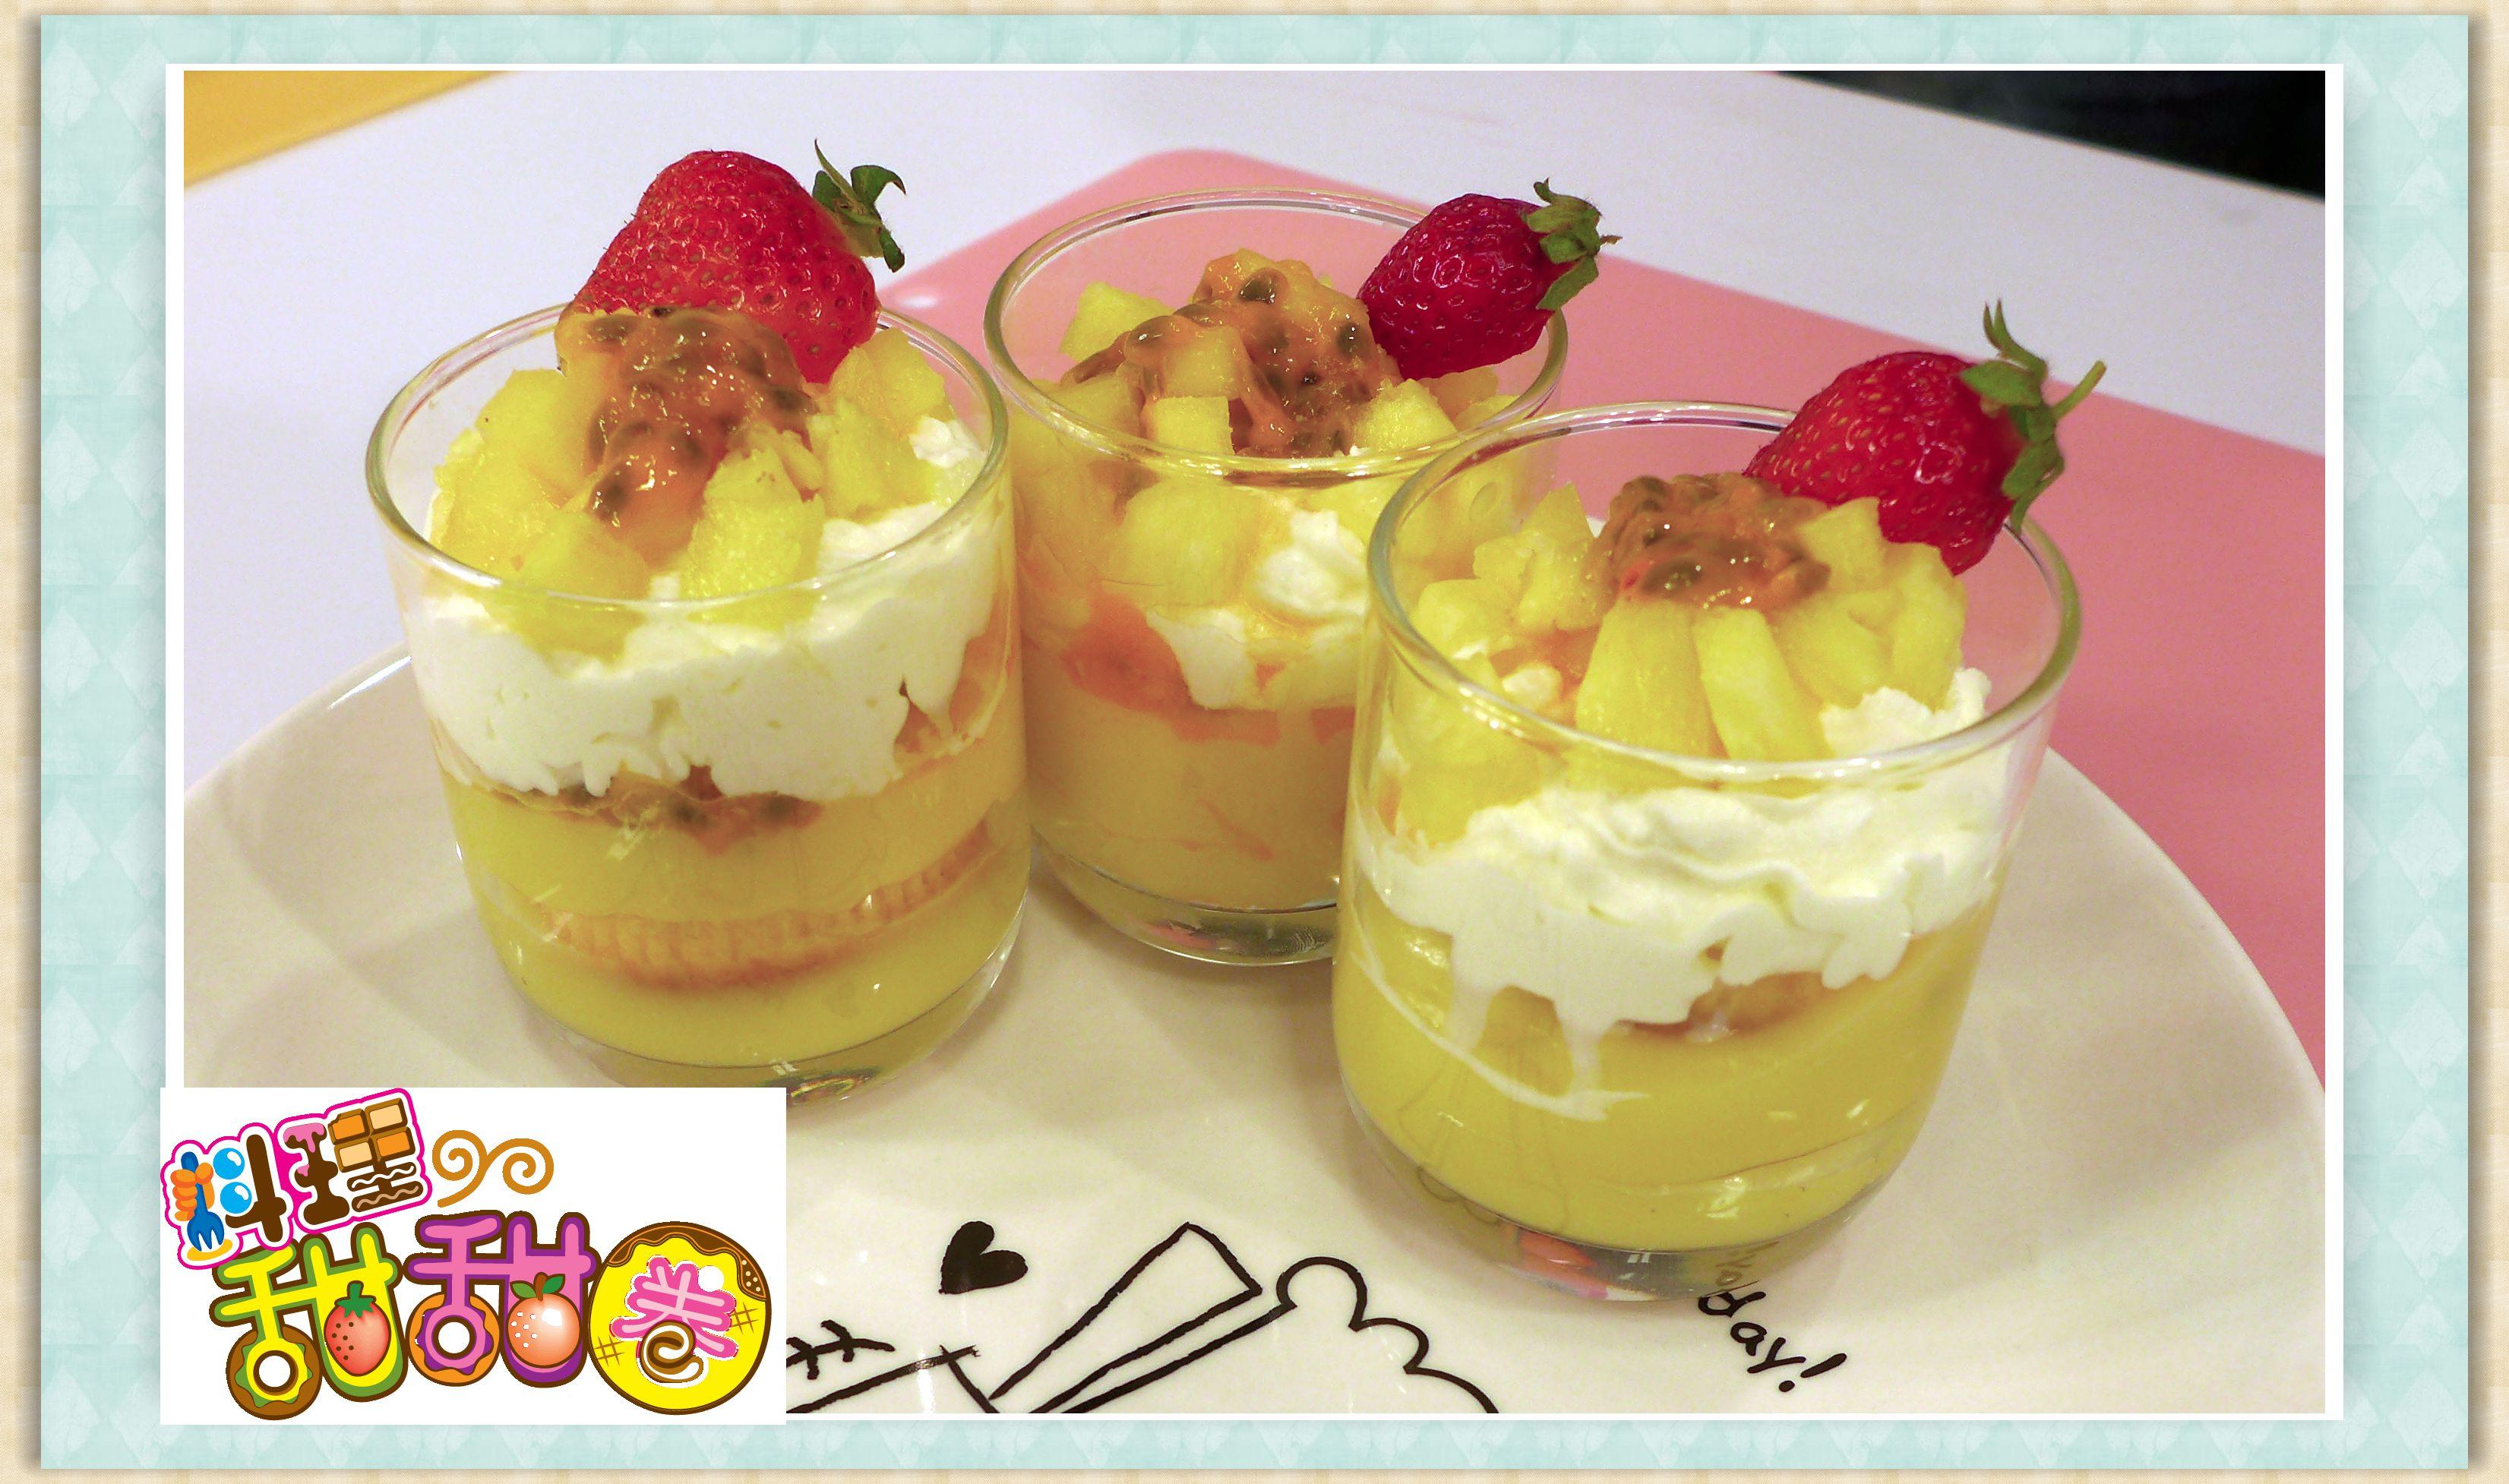 料理甜甜圈【爽口綿密】聖代水果塔